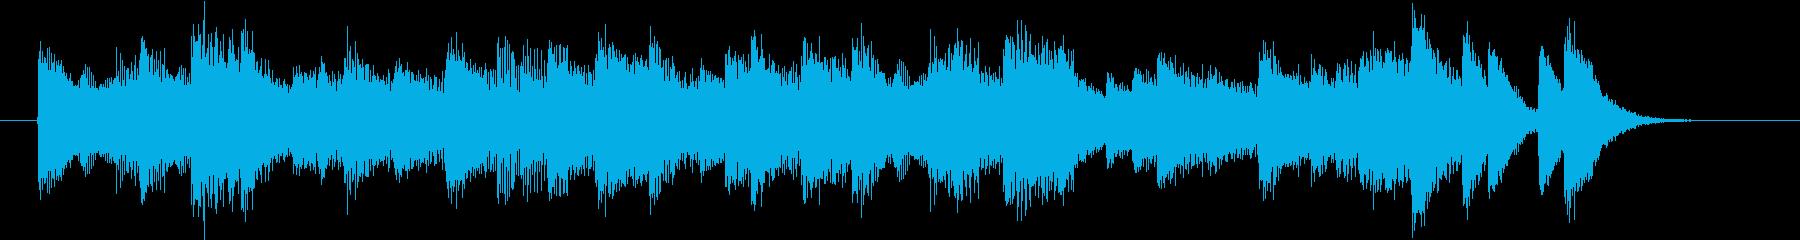 懐かしいメロのリズミックなピアノジングルの再生済みの波形